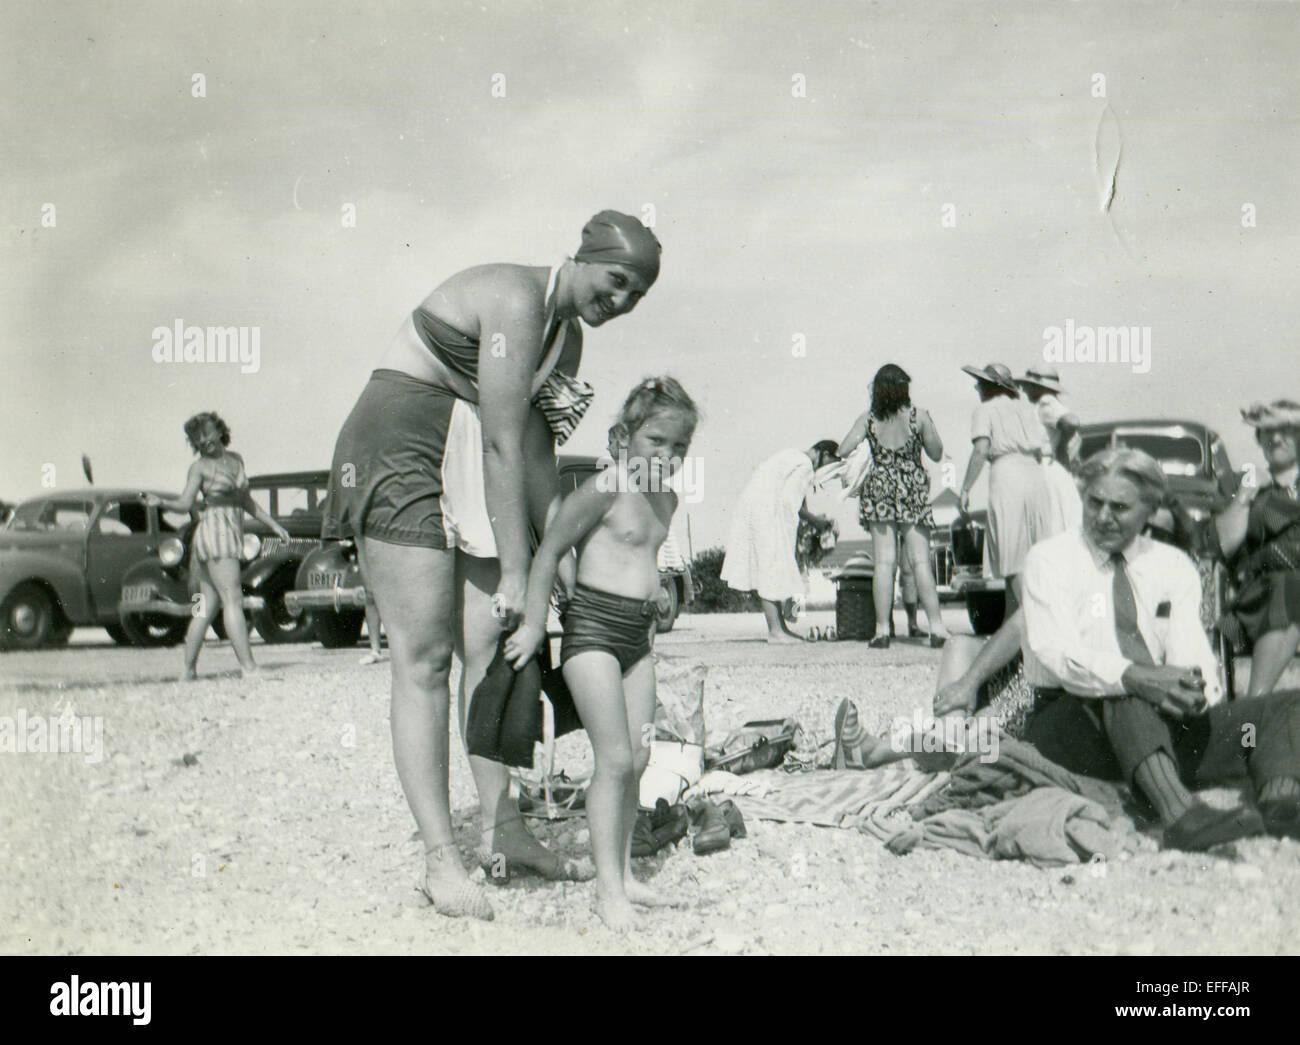 Le 12 décembre 2014 - Canada - circa 1930: Reproduction d'une ancienne photo montre une femme en maillot de bain et d'un capuchon en caoutchouc mesure une petite fille sur la plage, regarder les personnes âgées businessman dans une égalité, pas de veste, qui se trouve à côté du sable. Dans l'arrière-plan une femme en maillot et une robe et un chapeau contre la toile de voitures. (Crédit Image: © Igor Golovniov/ZUMA/ZUMAPRESS.com) fil Banque D'Images